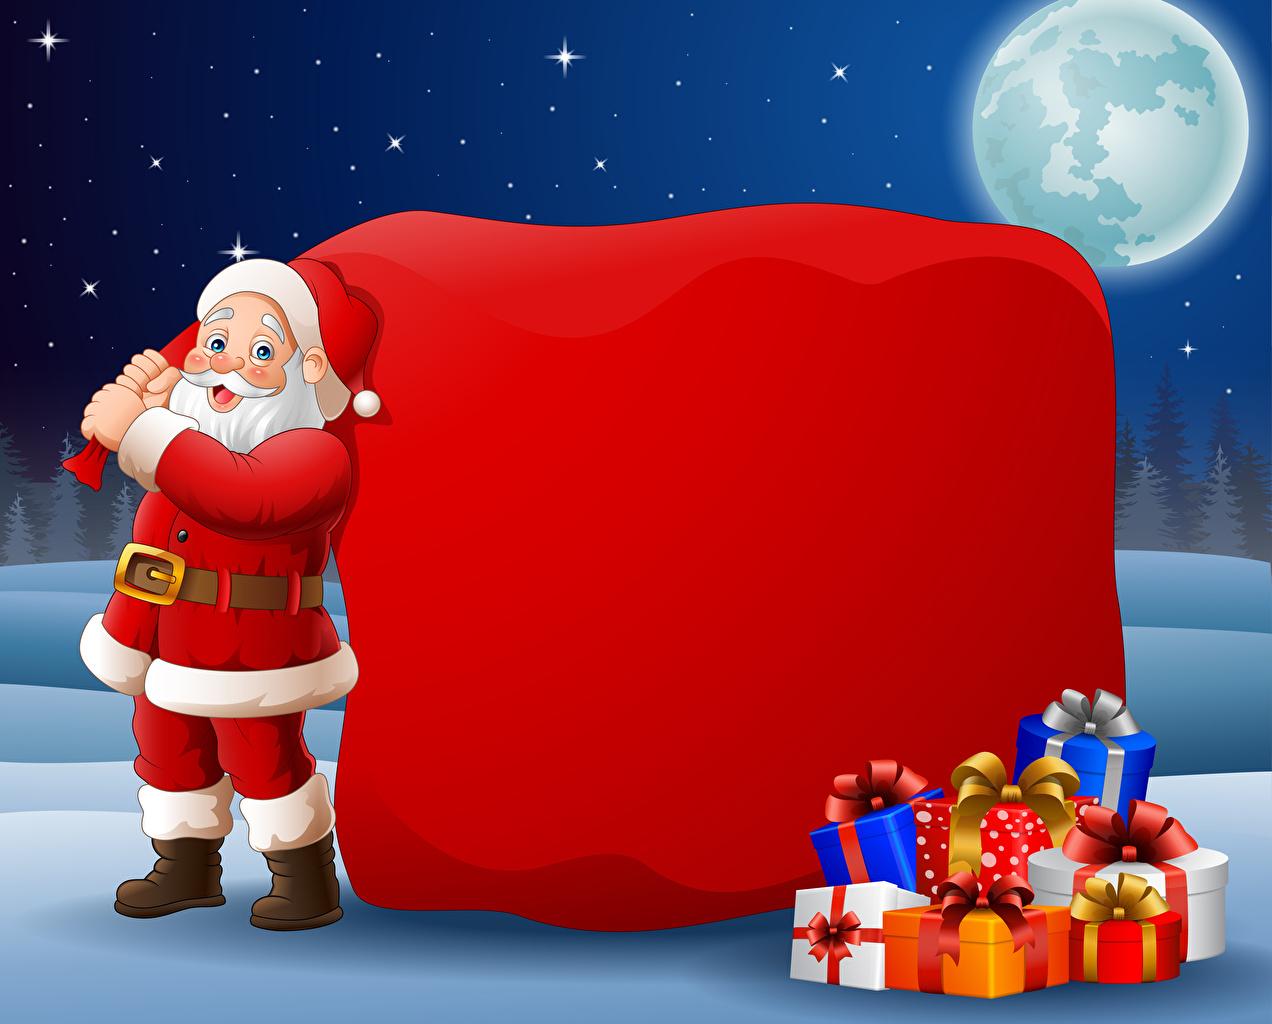 Картинки Новый год Санта-Клаус Луна подарков Униформа Векторная графика Рождество Дед Мороз луны луной подарок Подарки униформе